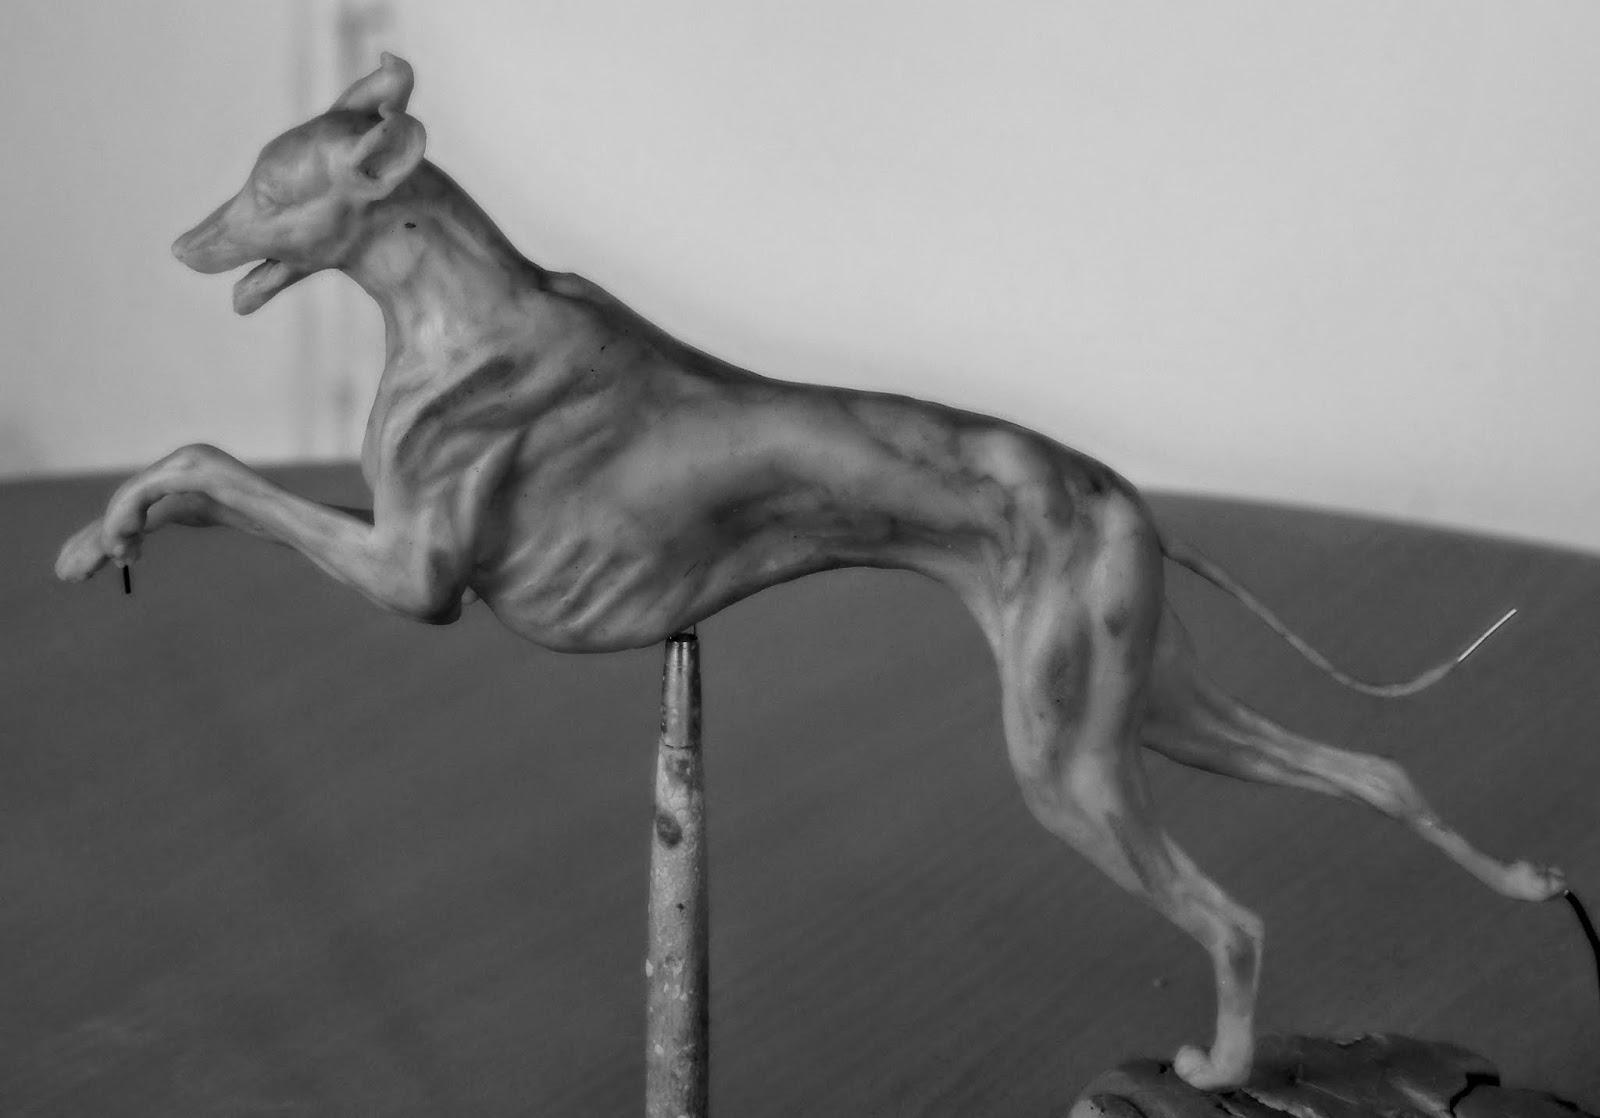 moonsong animal art tiersculpturen und mehr in 3 jahren kann viel passieren. Black Bedroom Furniture Sets. Home Design Ideas